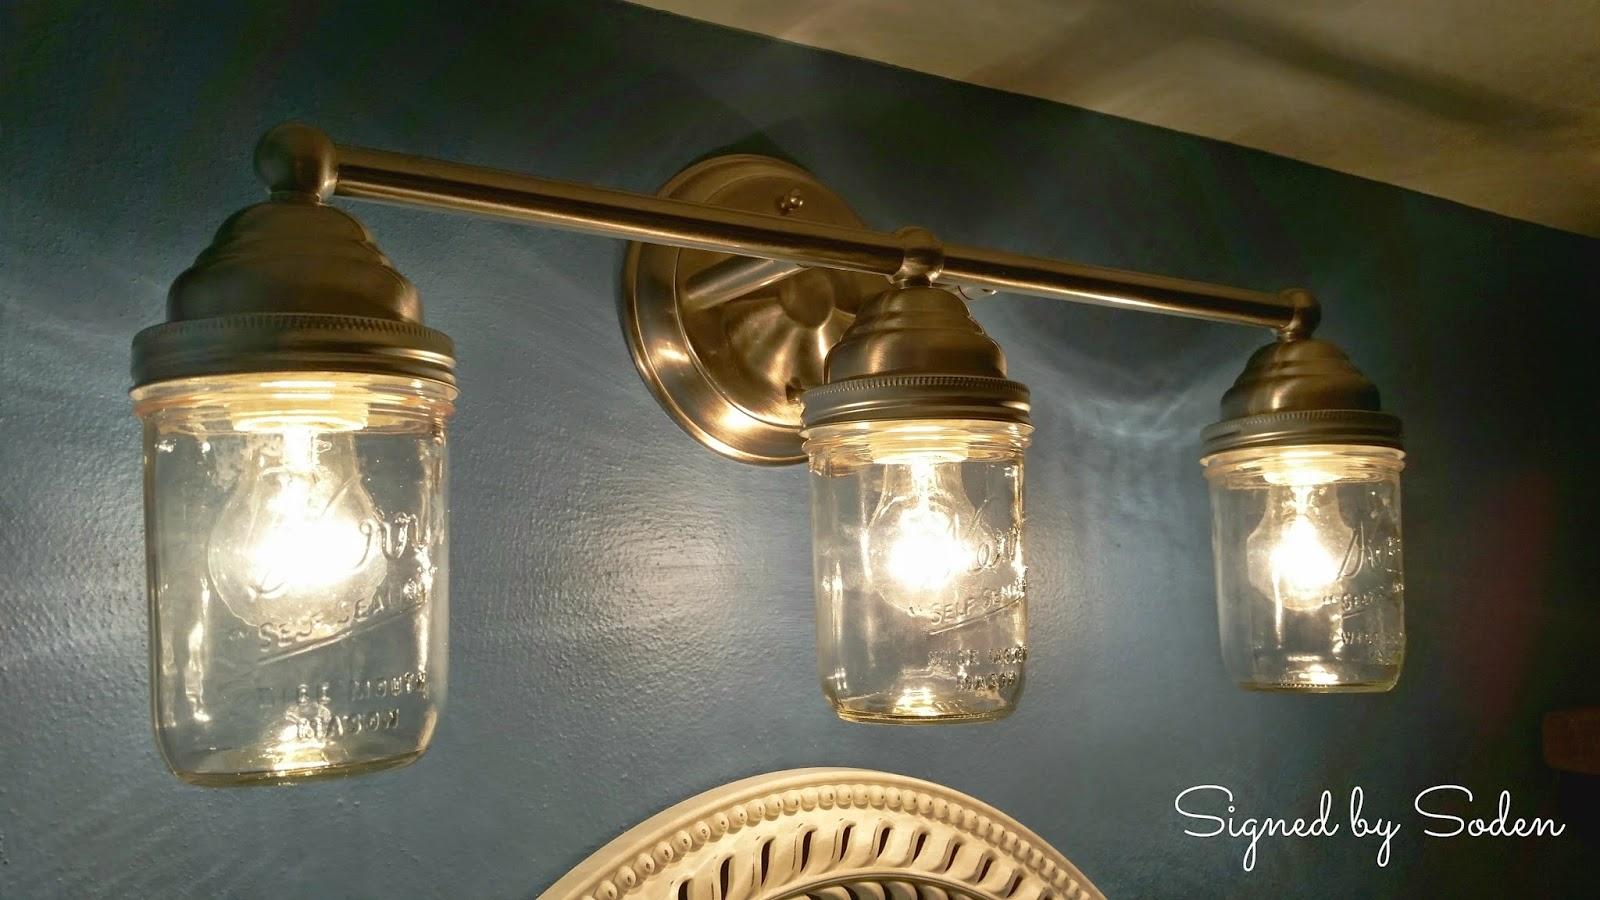 DIY: Mason Jar Light Fixture - Signed by Soden